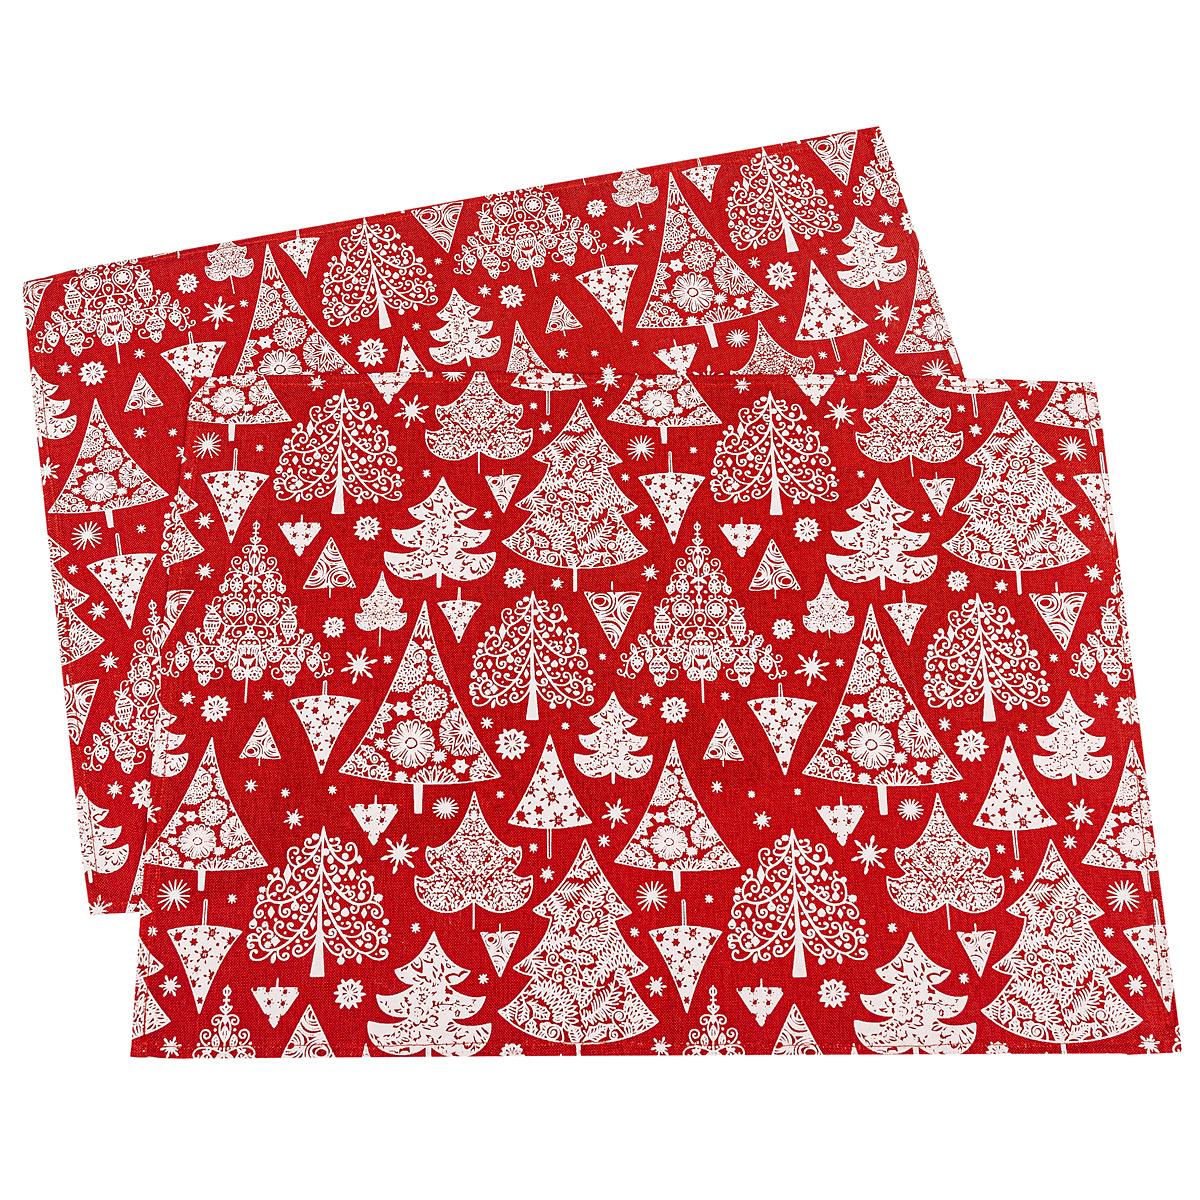 Dakls Vánoční prostírání Stromeček červená, 32 x 45 cm, sada 2 ks